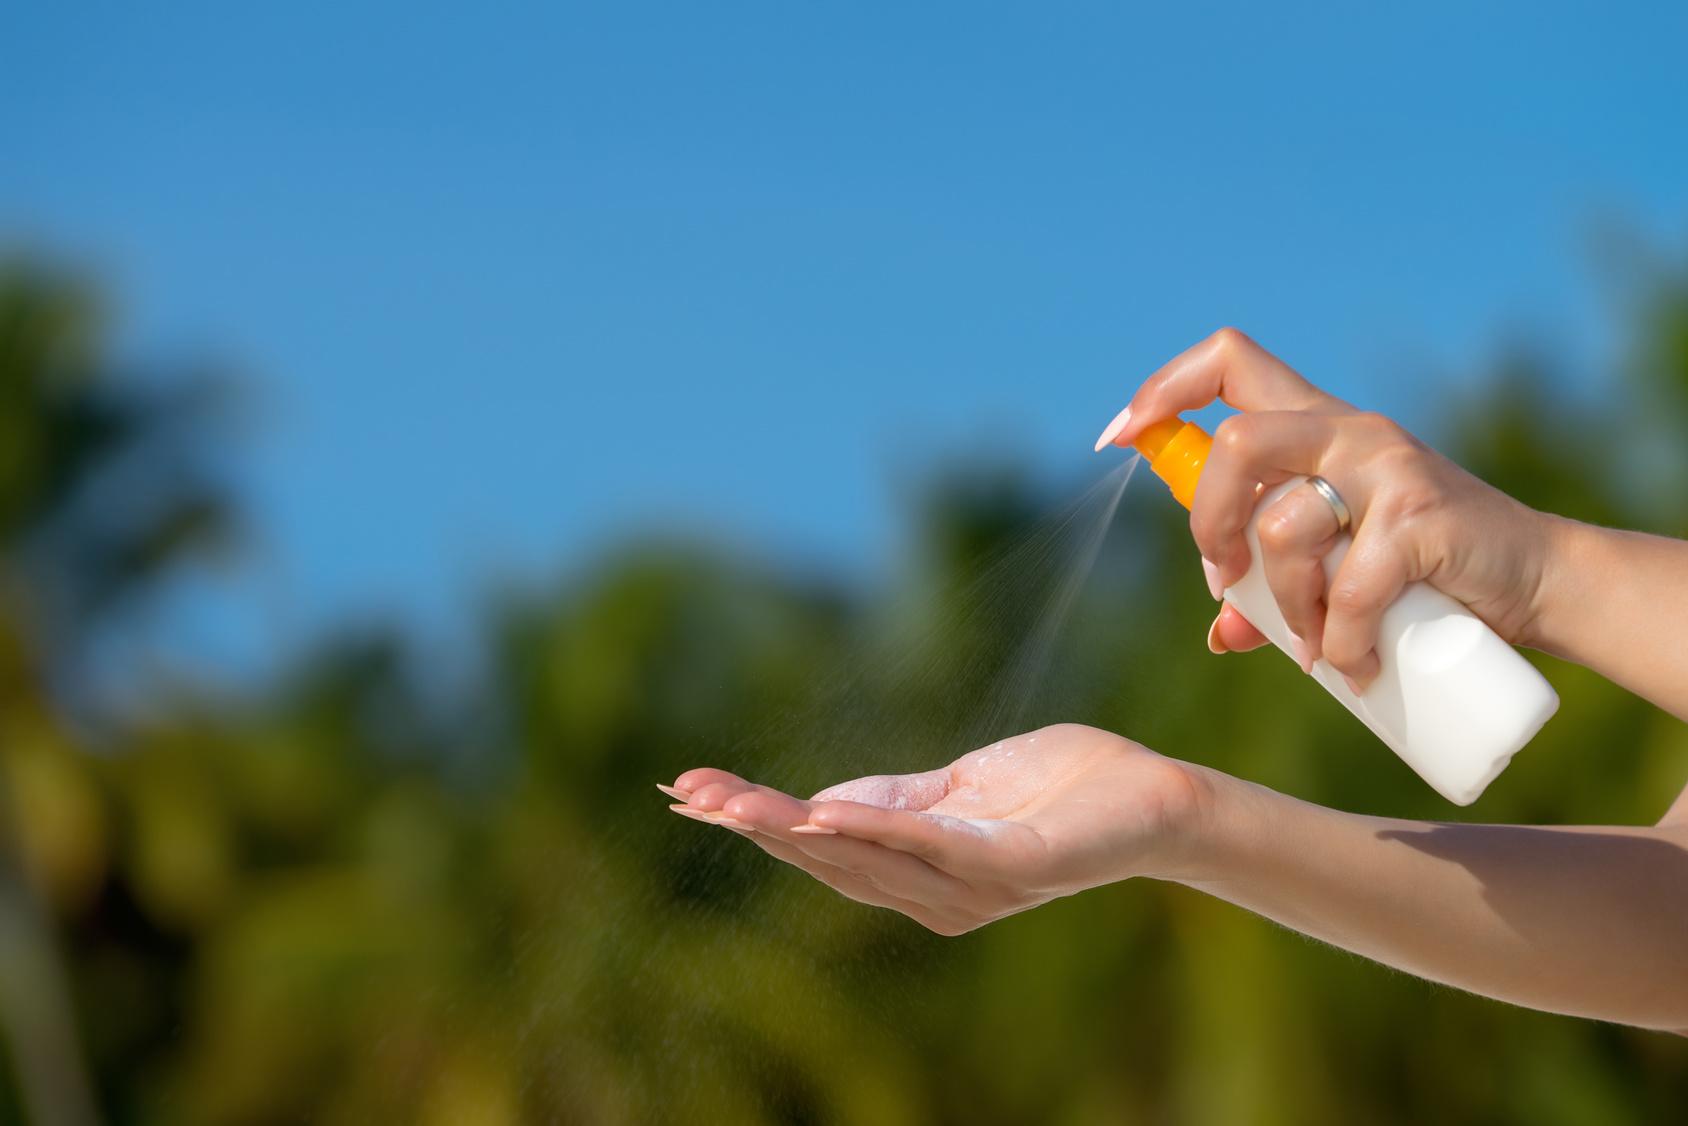 Crèmes solaires: misez sur le bio!